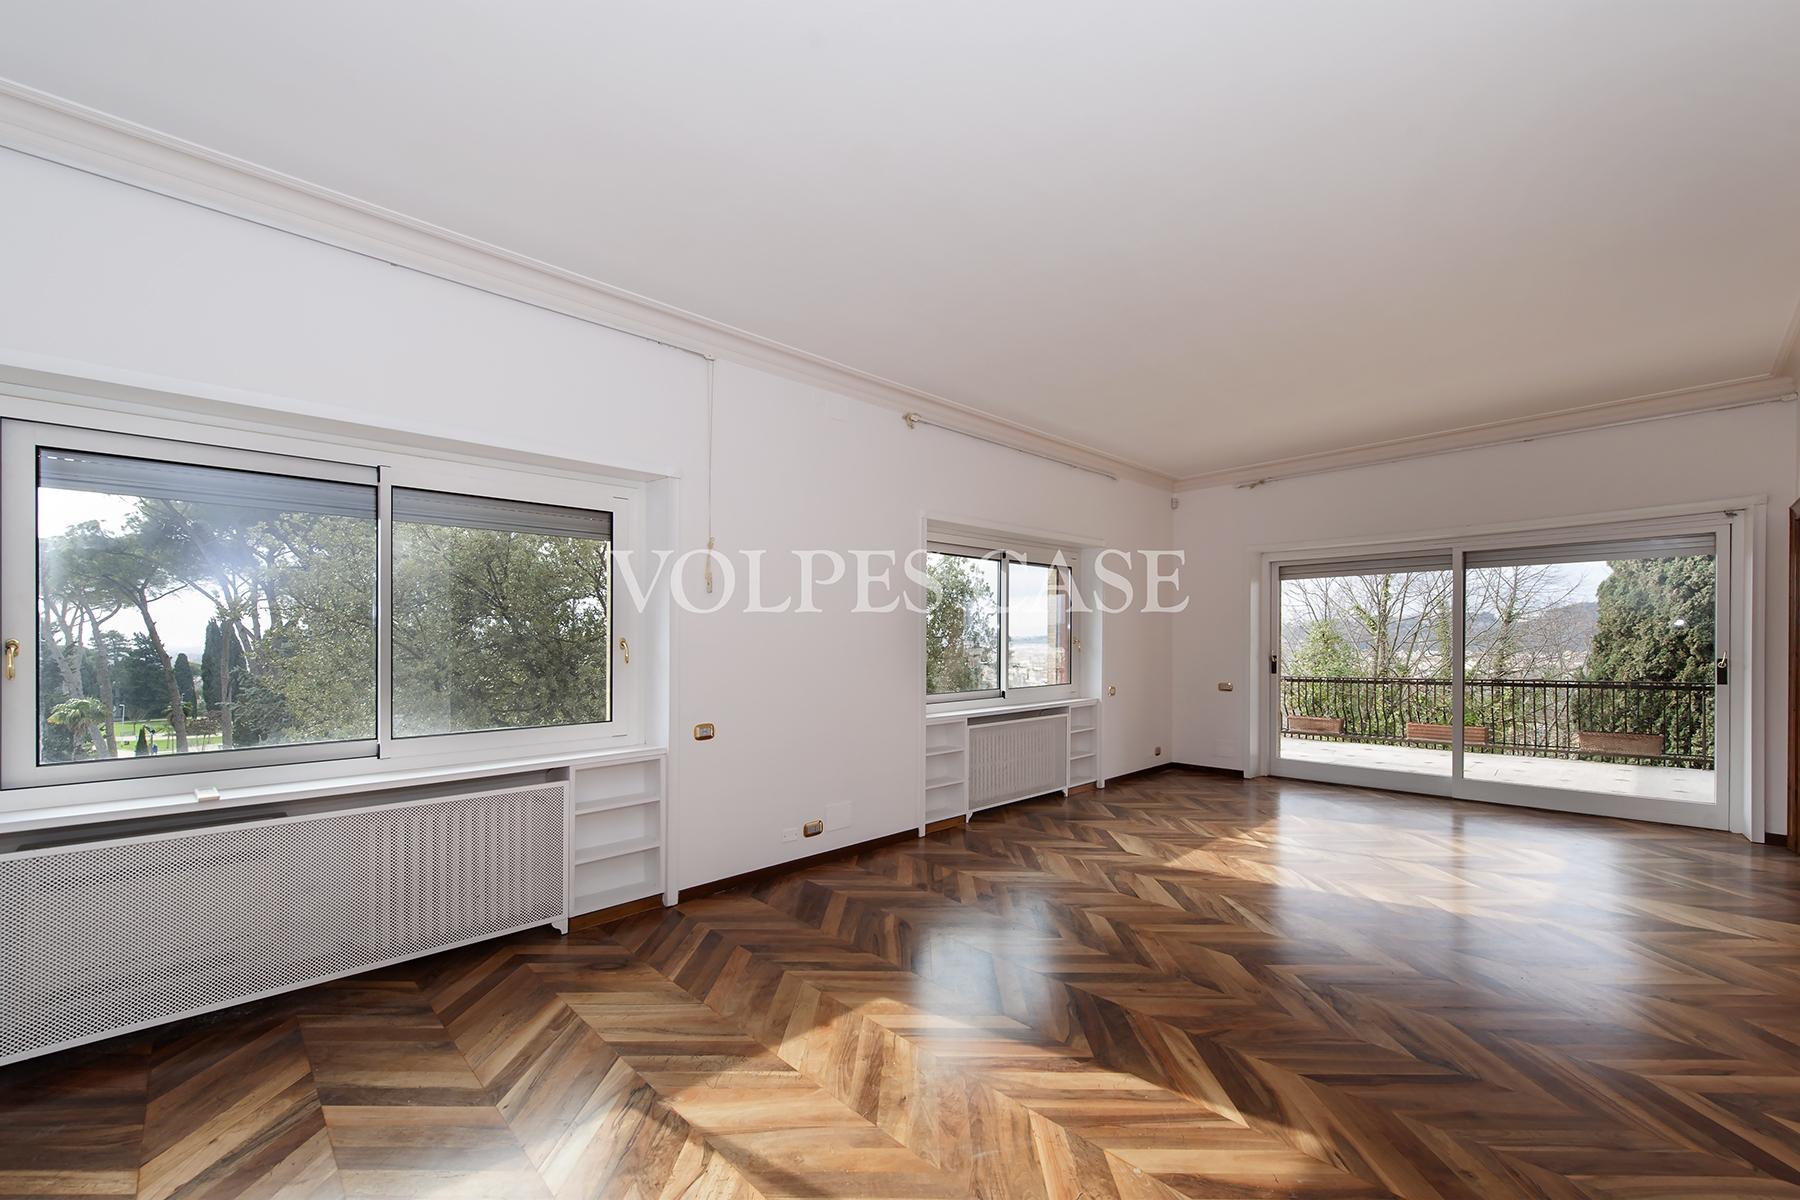 Appartamento in affitto con terrazzo a roma pag 4 for Affitto locali commerciali roma nord